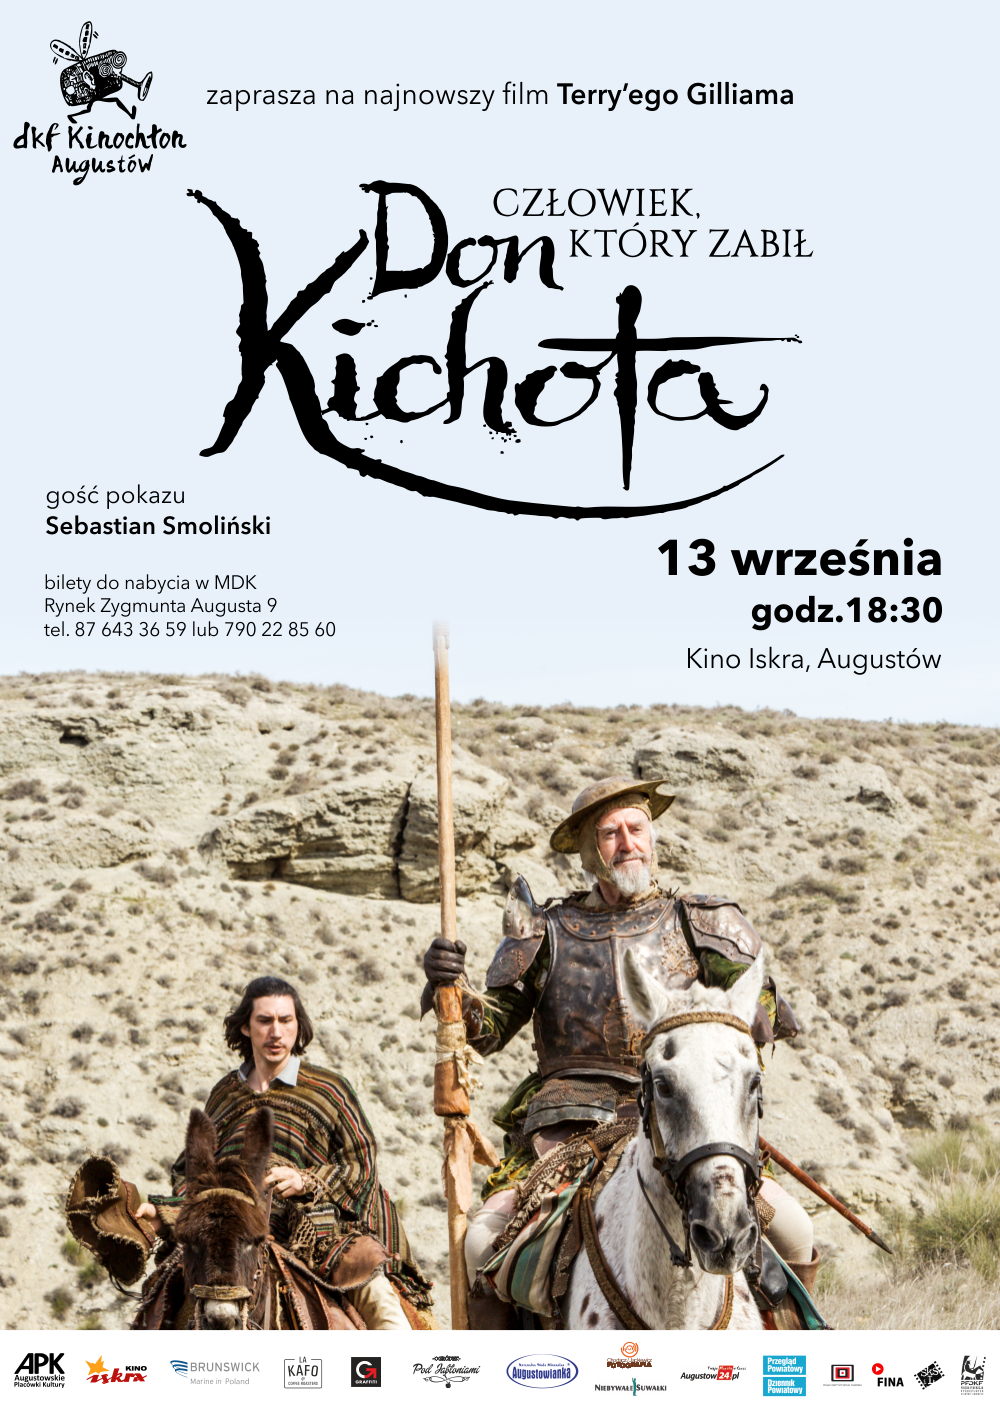 Plakat: Człowiek, który zabił Don Kichota